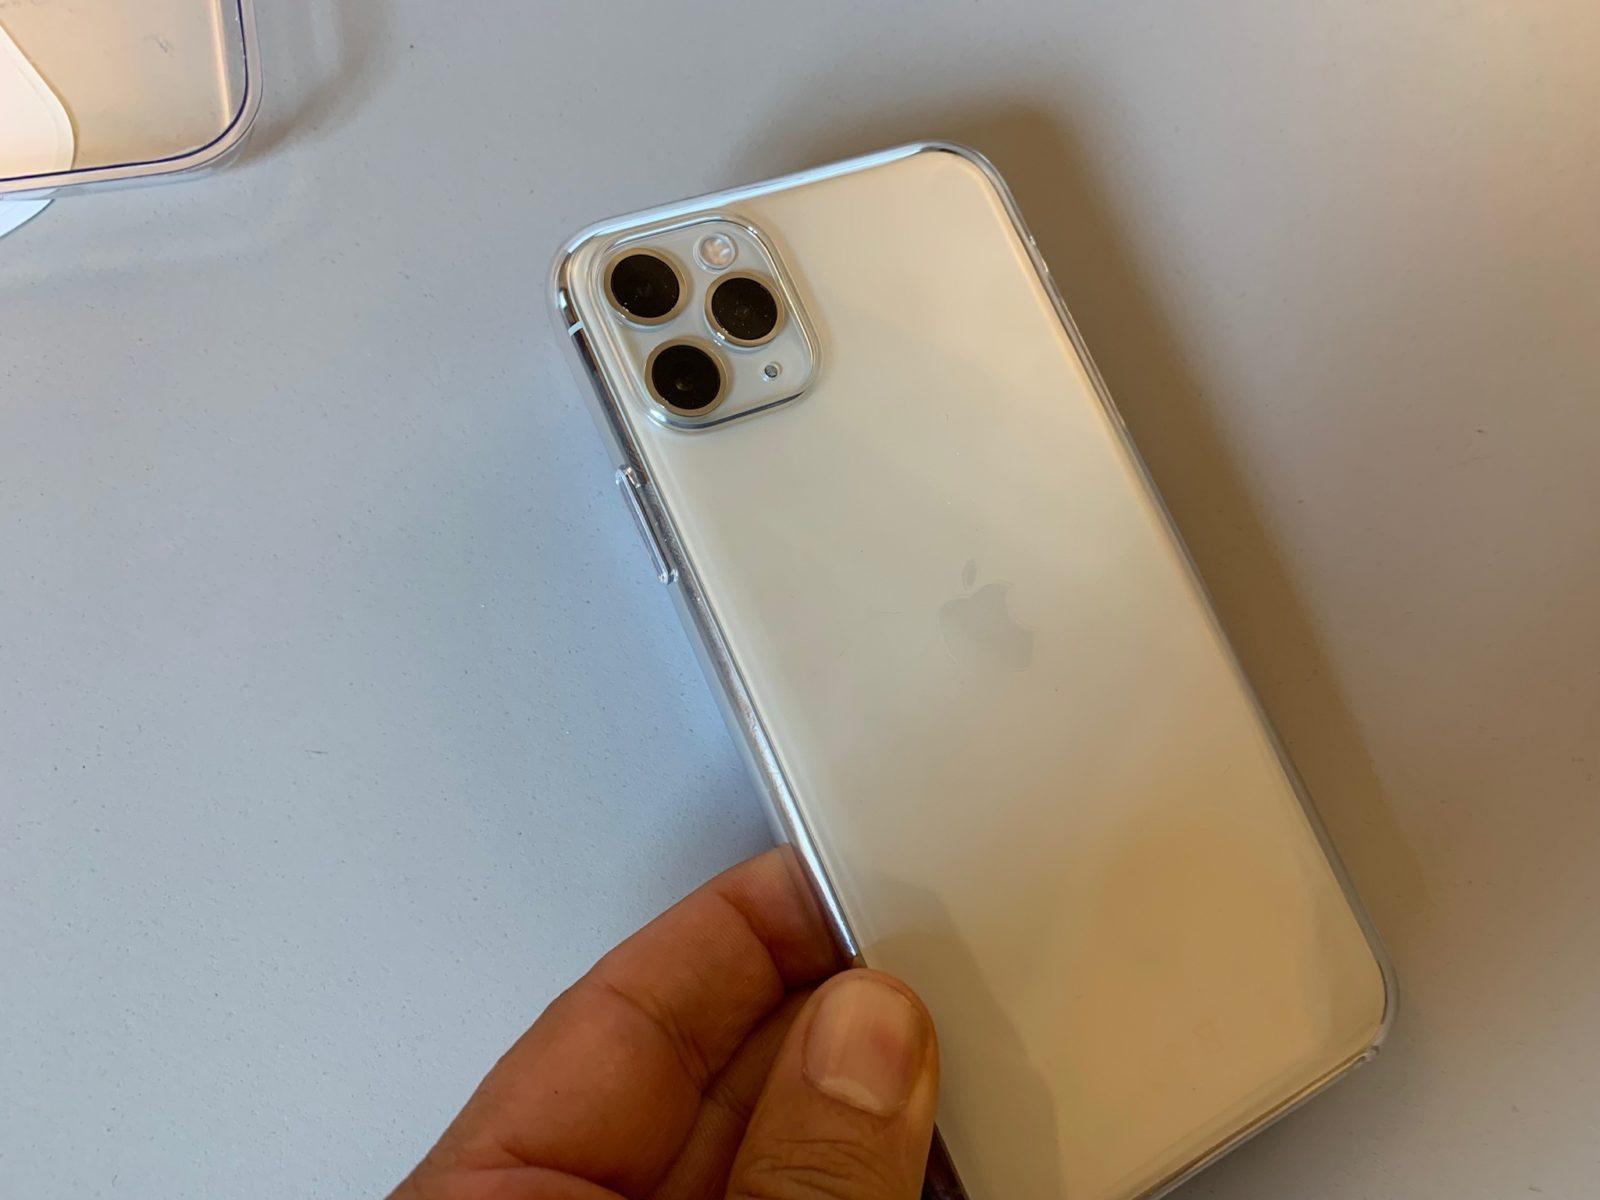 Apple Custodia Trasparente (per iPhone 11 Pro)  Prezzi e Offerte